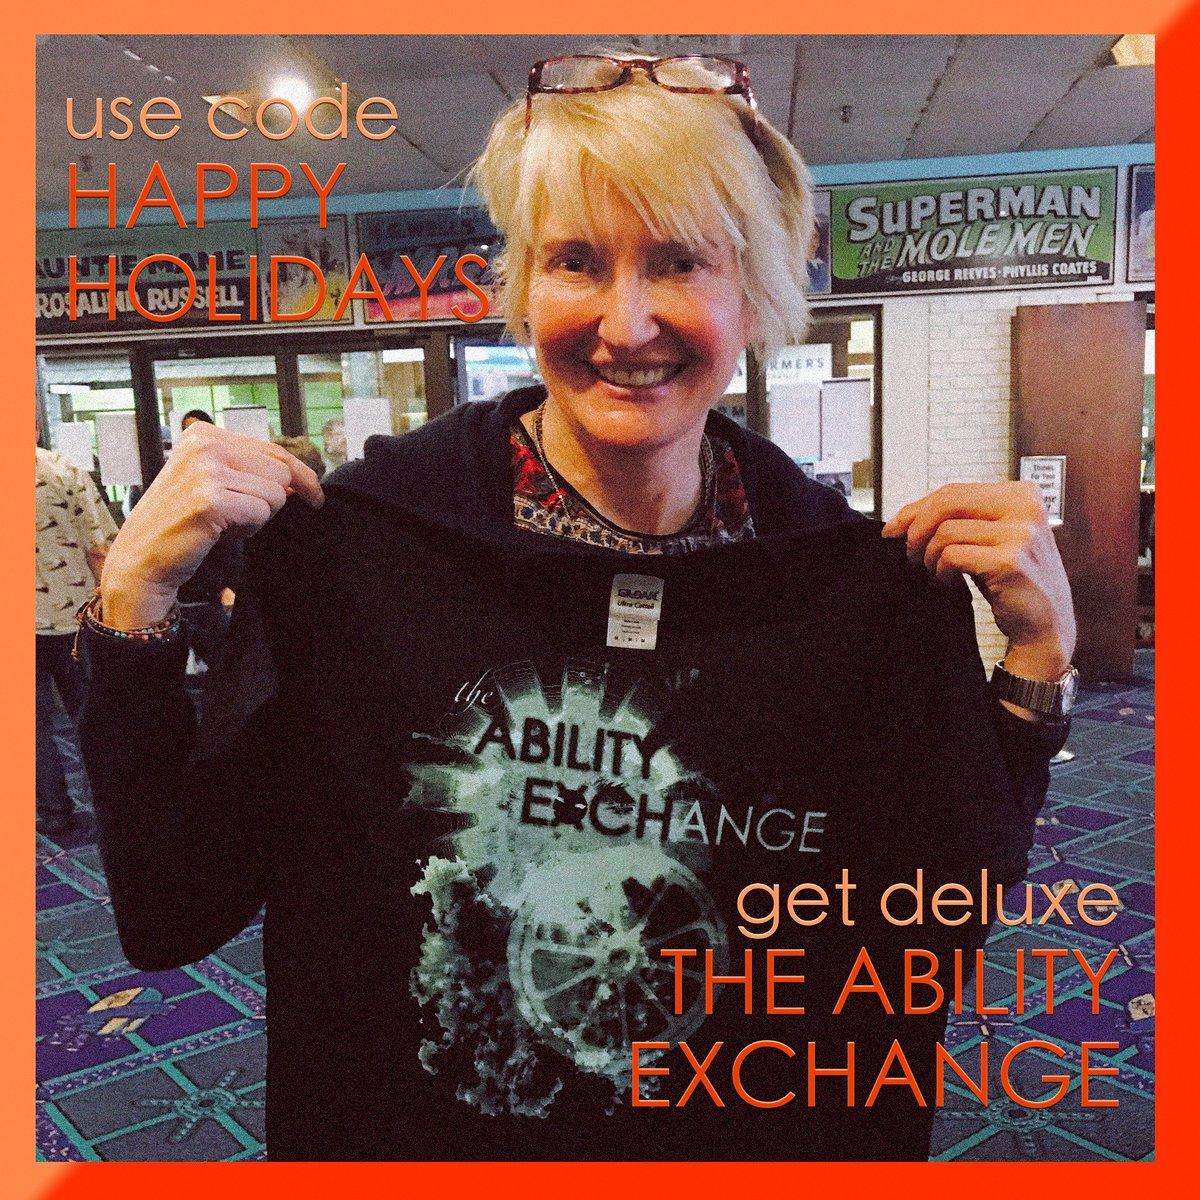 The Ability Exchange (@AbilityExchange) | Twitter